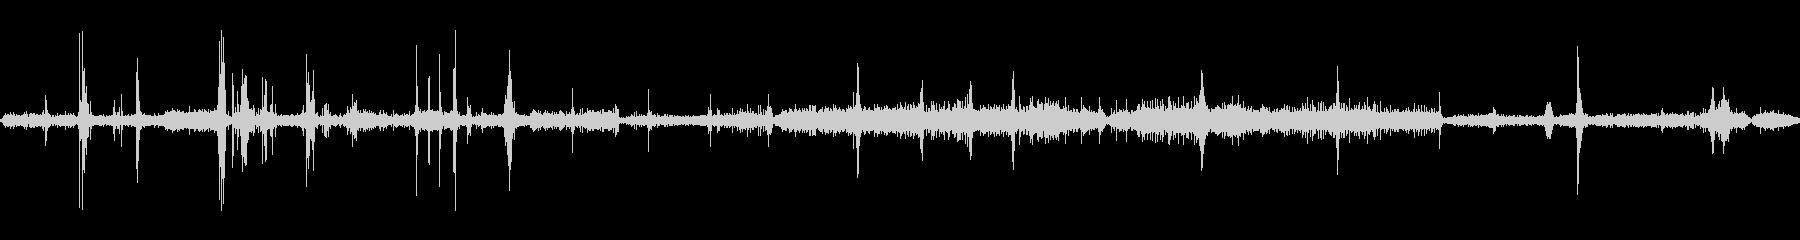 ピーガガー(ラジオのチューニング)部屋の未再生の波形